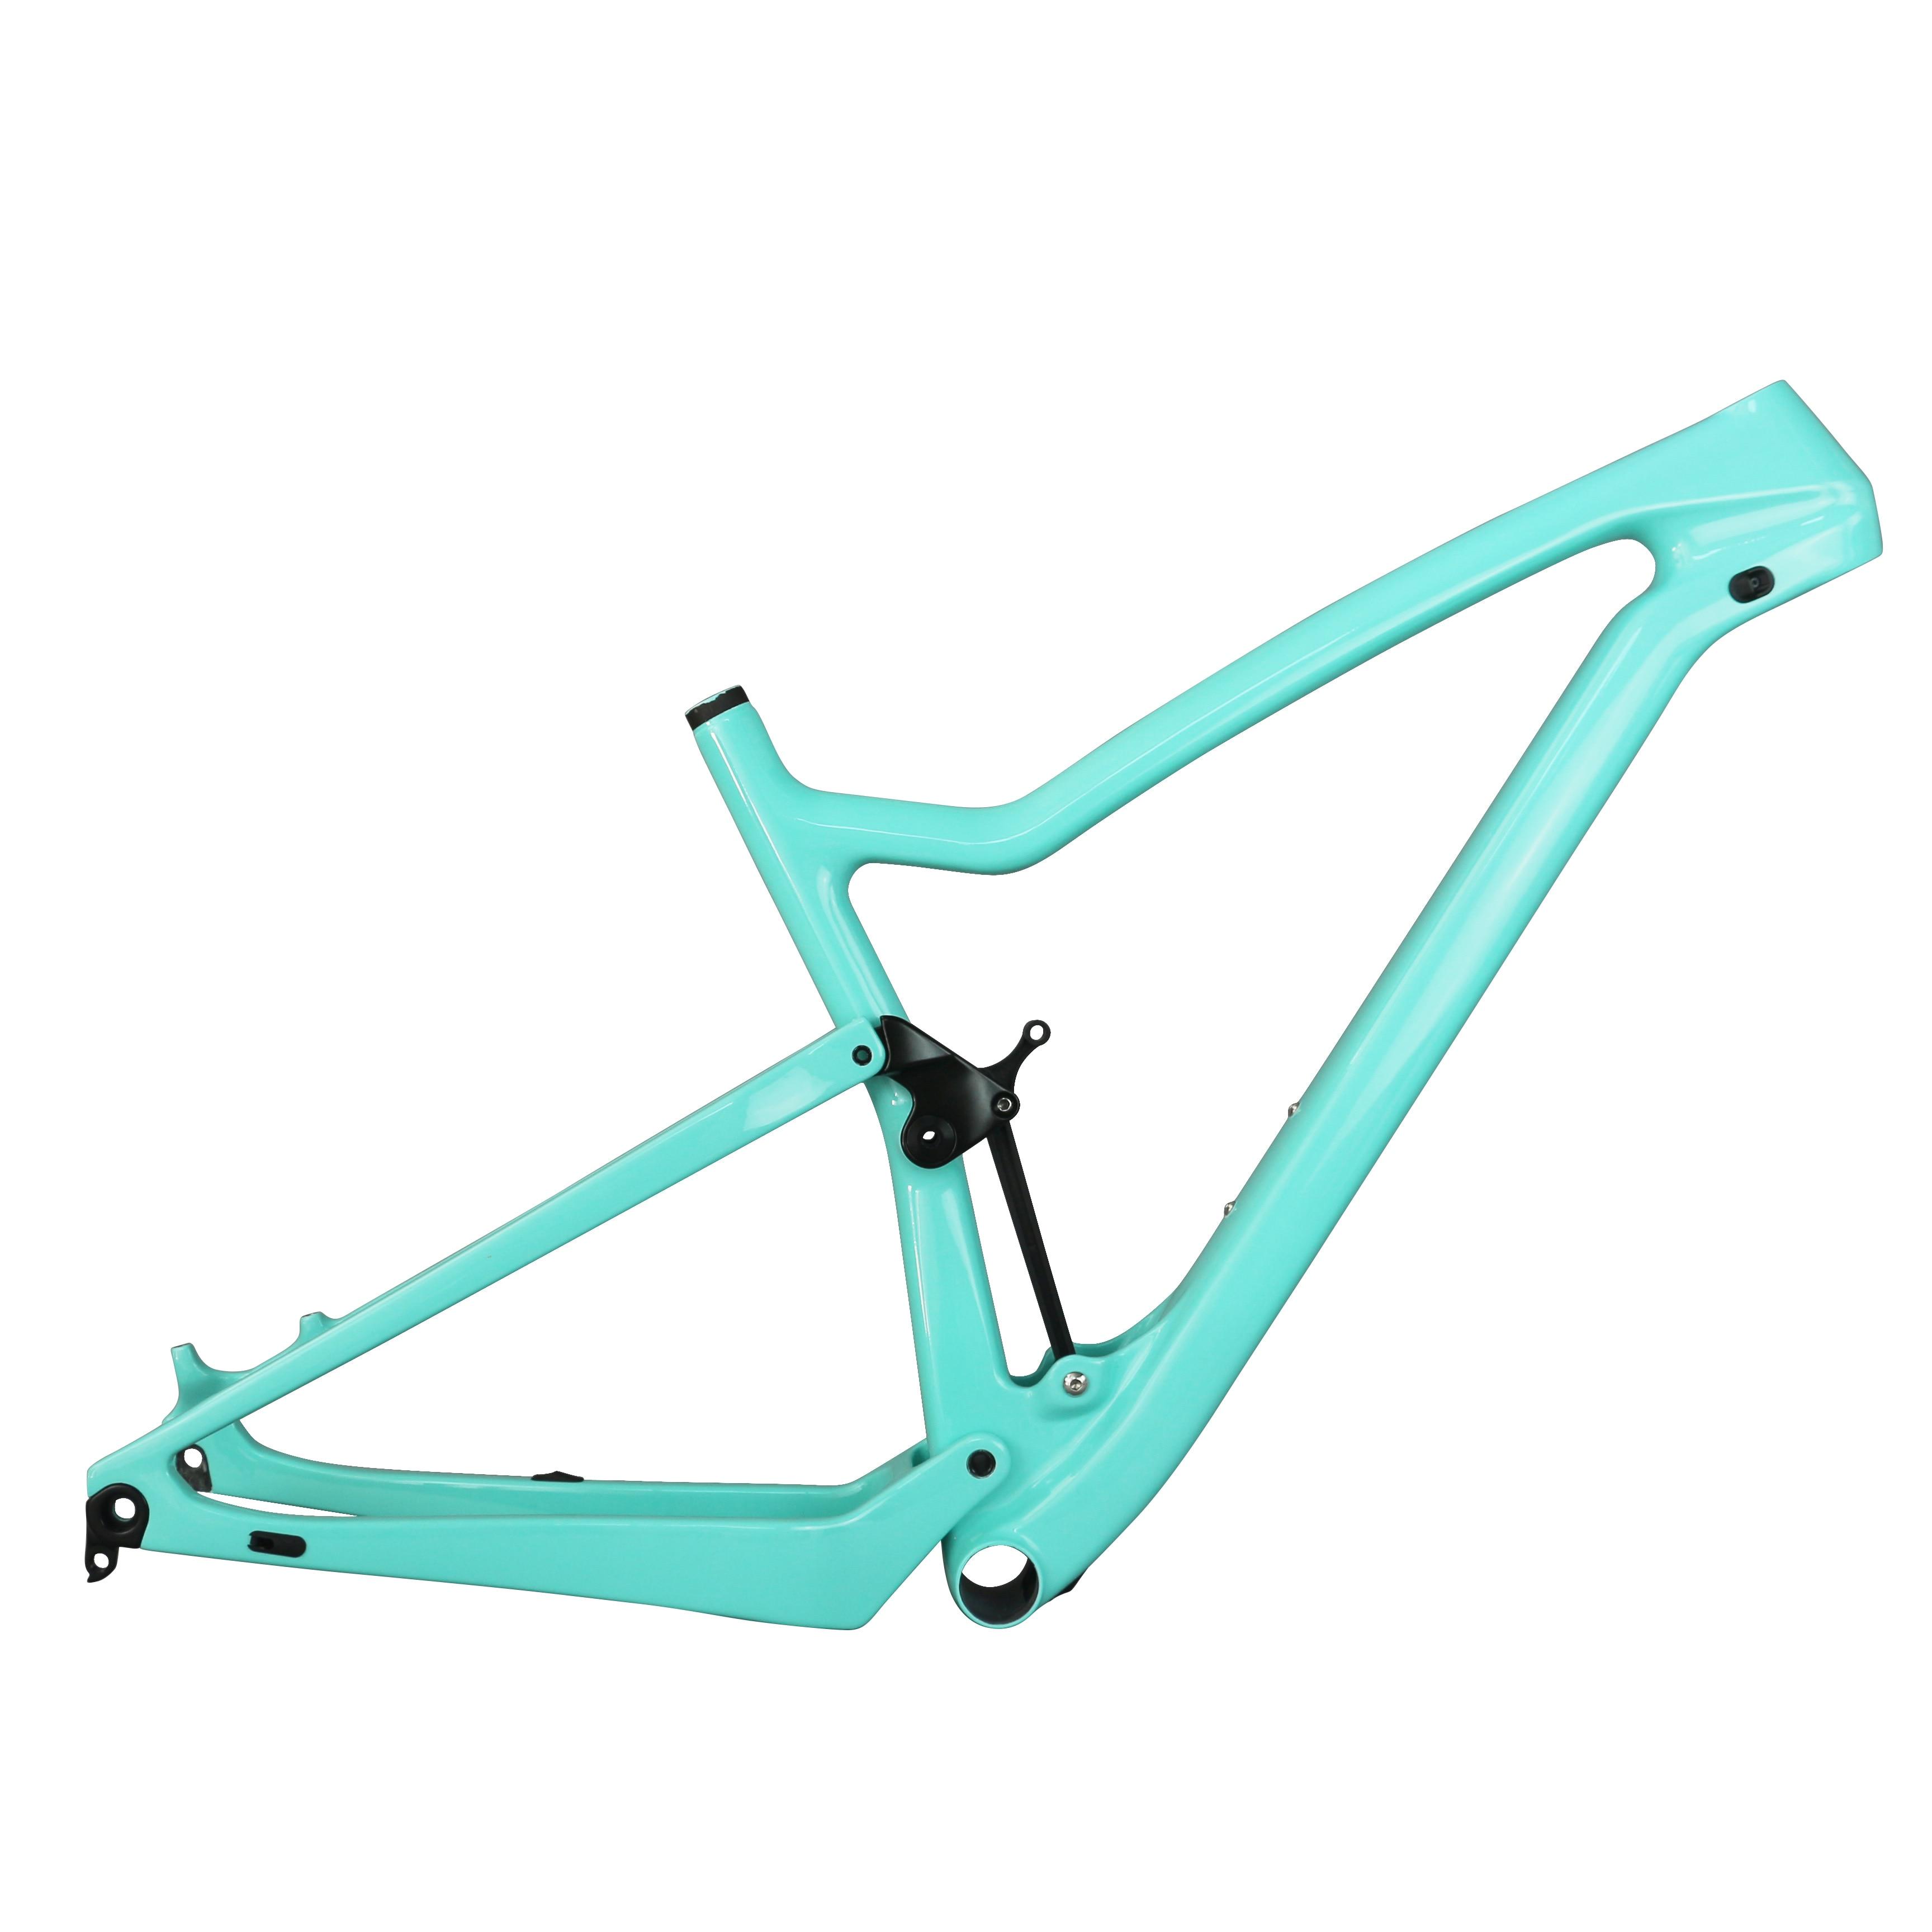 2020 29er XC Cross Country Carbon Frame Custom Paint Carbon Fiber T700 MTB Bike Frame Fs029